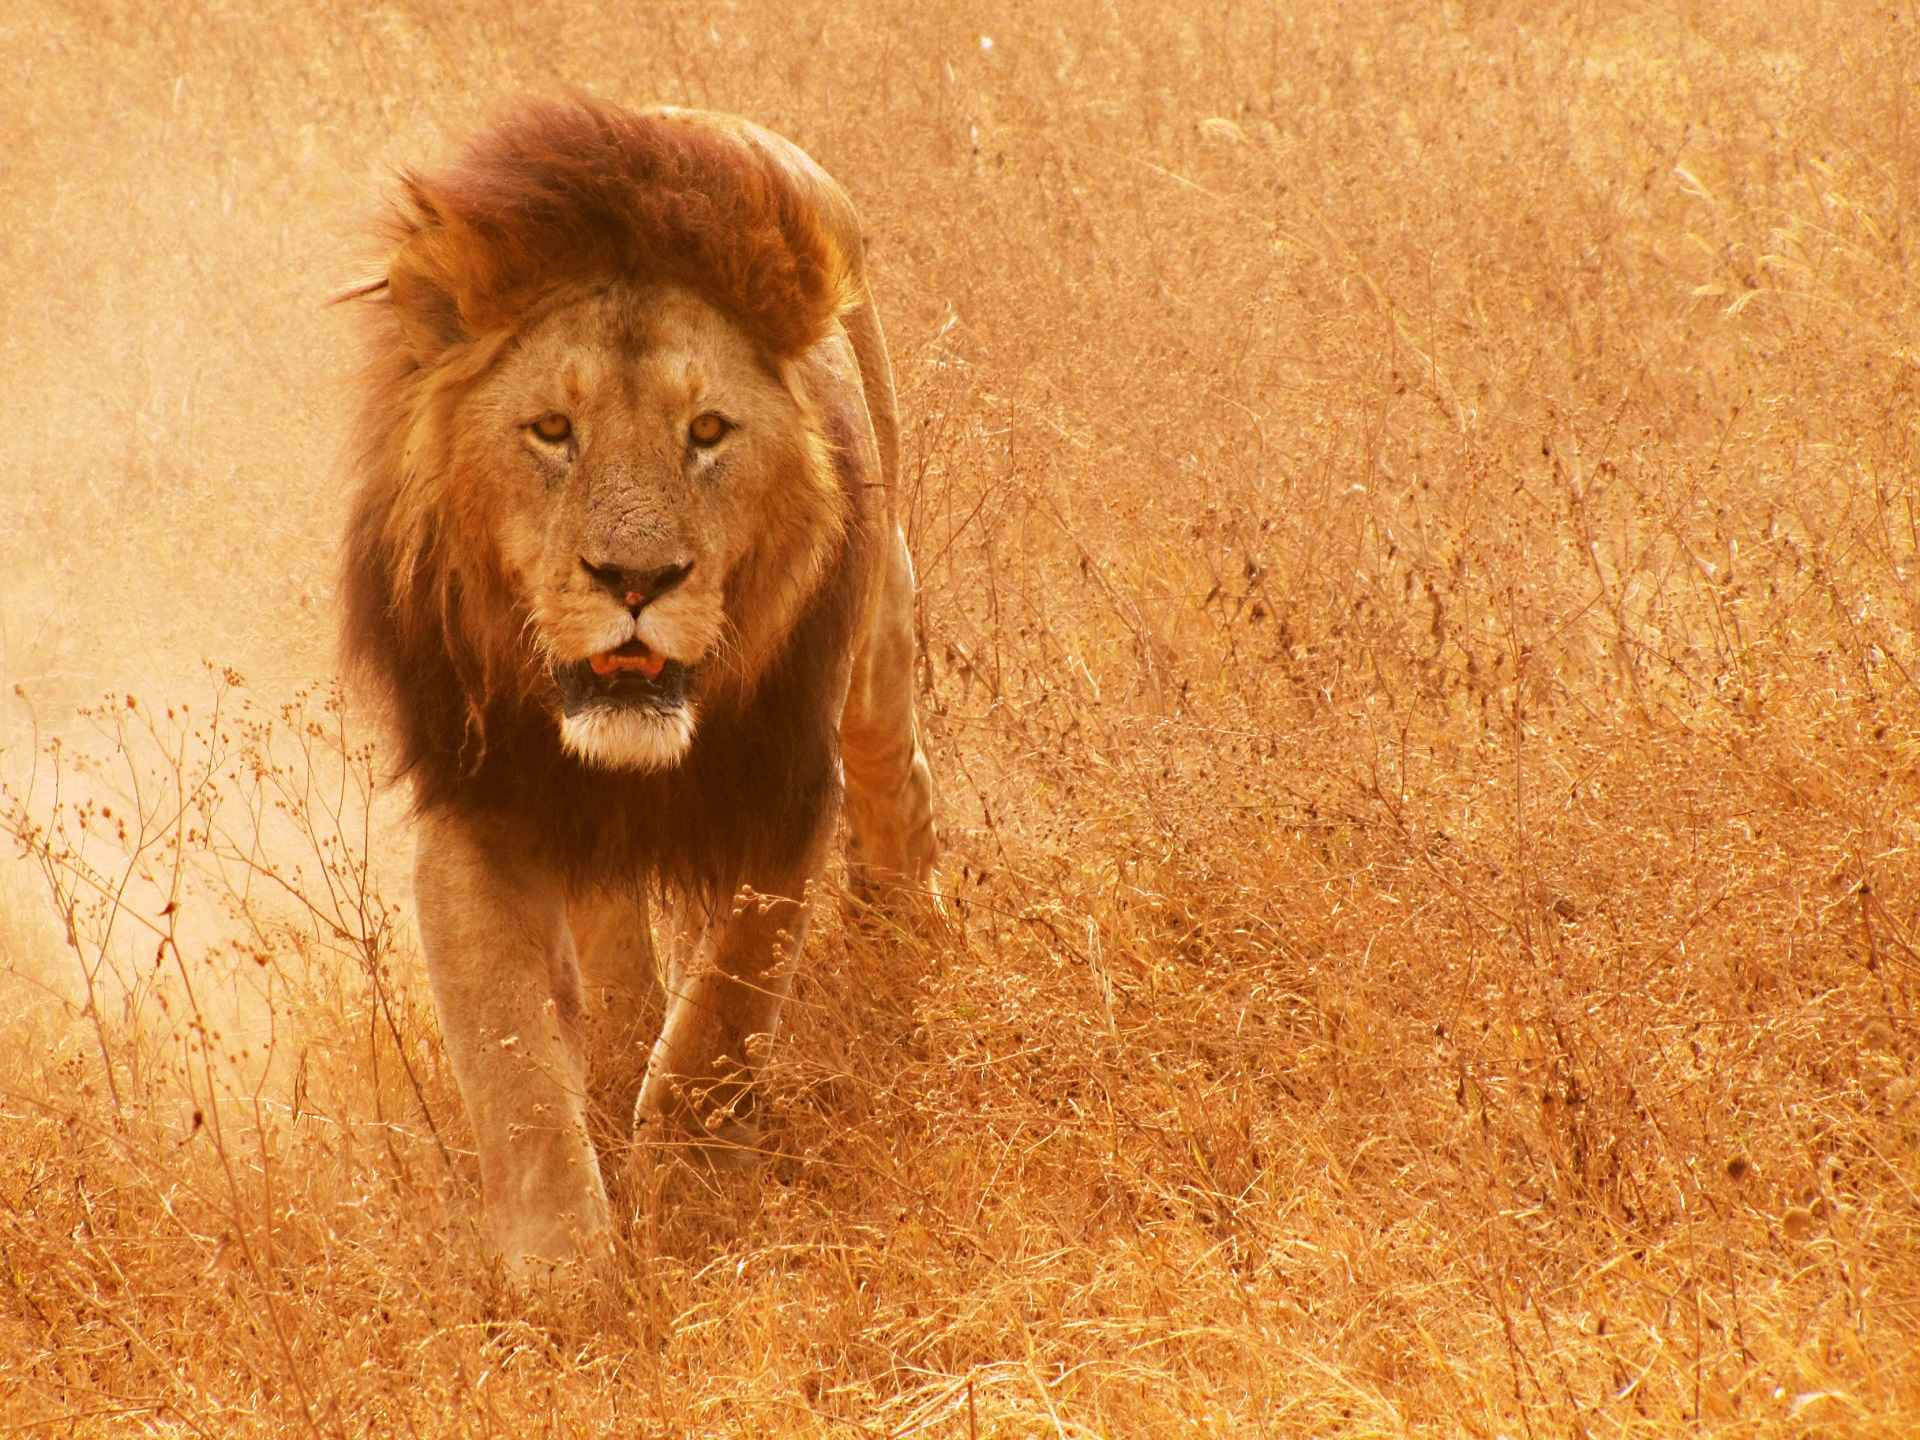 Lion Wallpaper 070